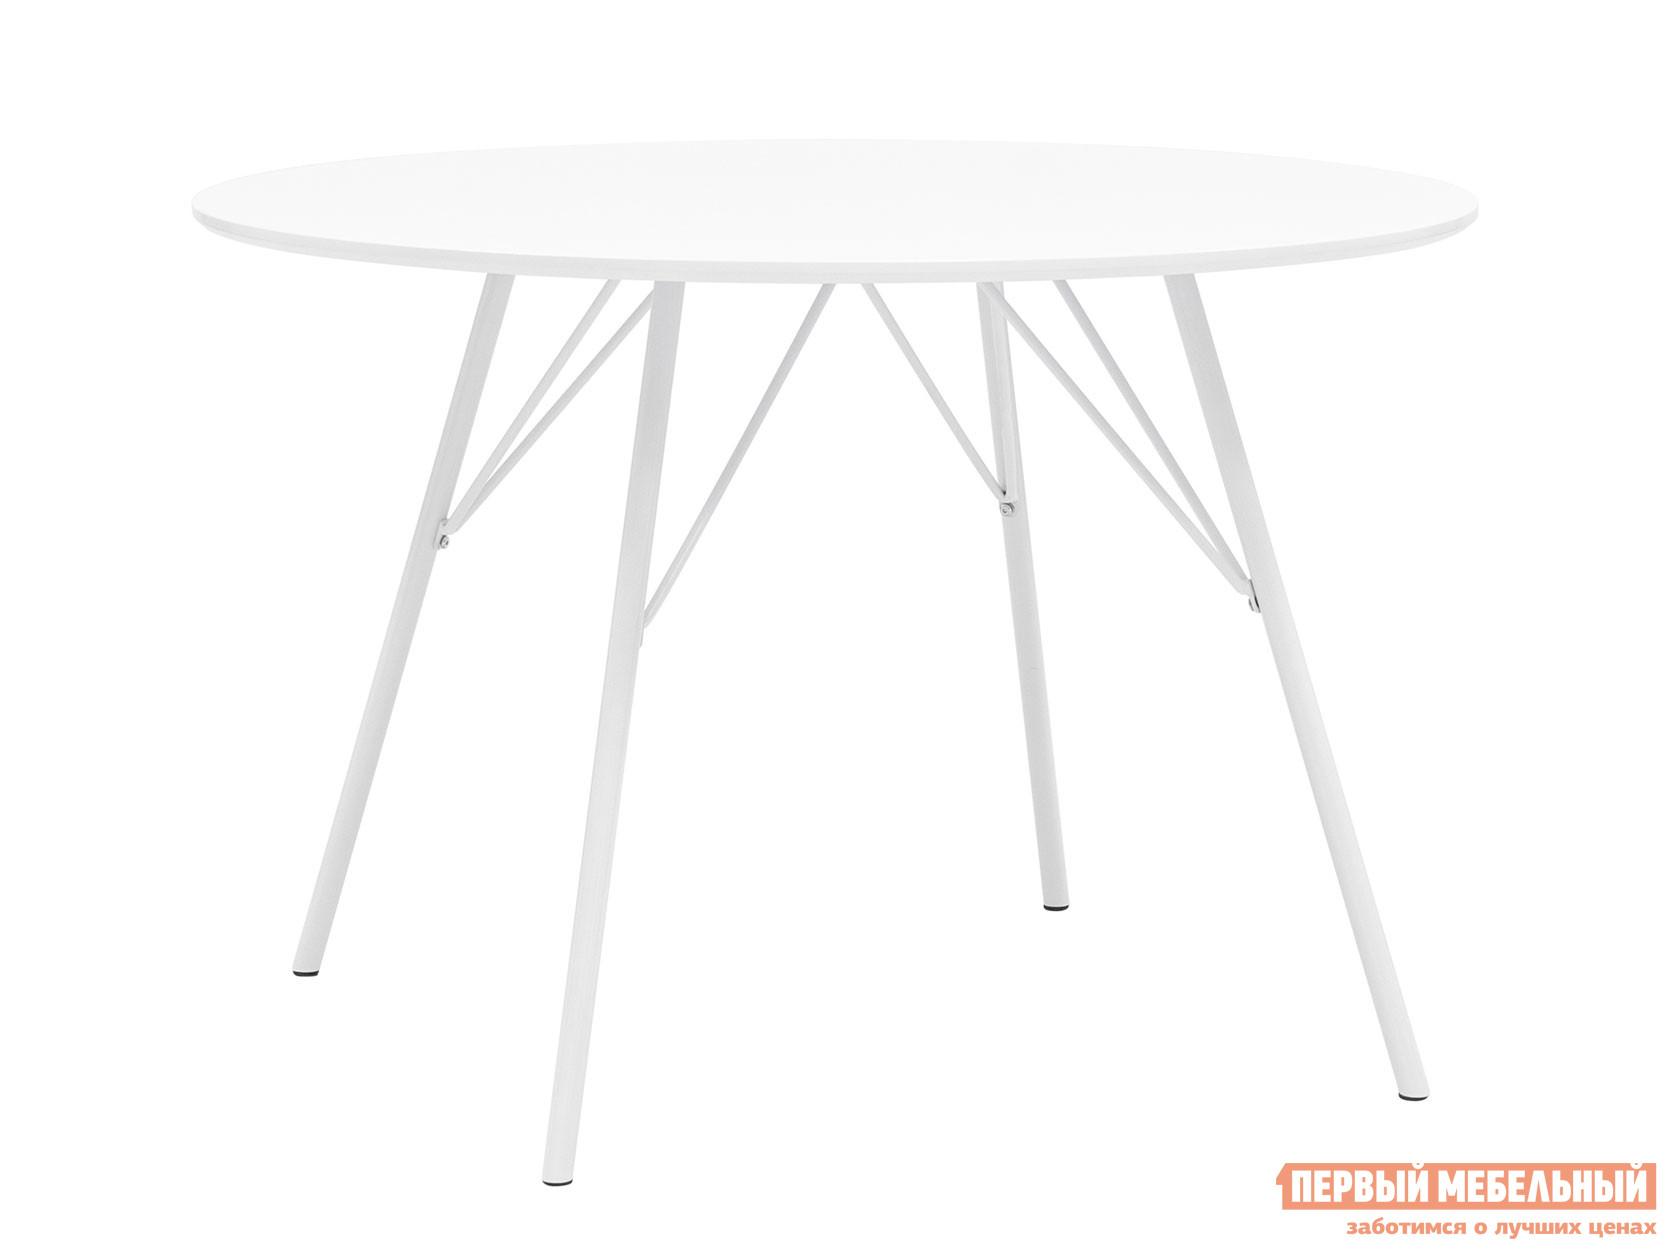 Кухонный стол  обеденный Мемфис DT-1810-110 DUAL Белый Stool Group 111412